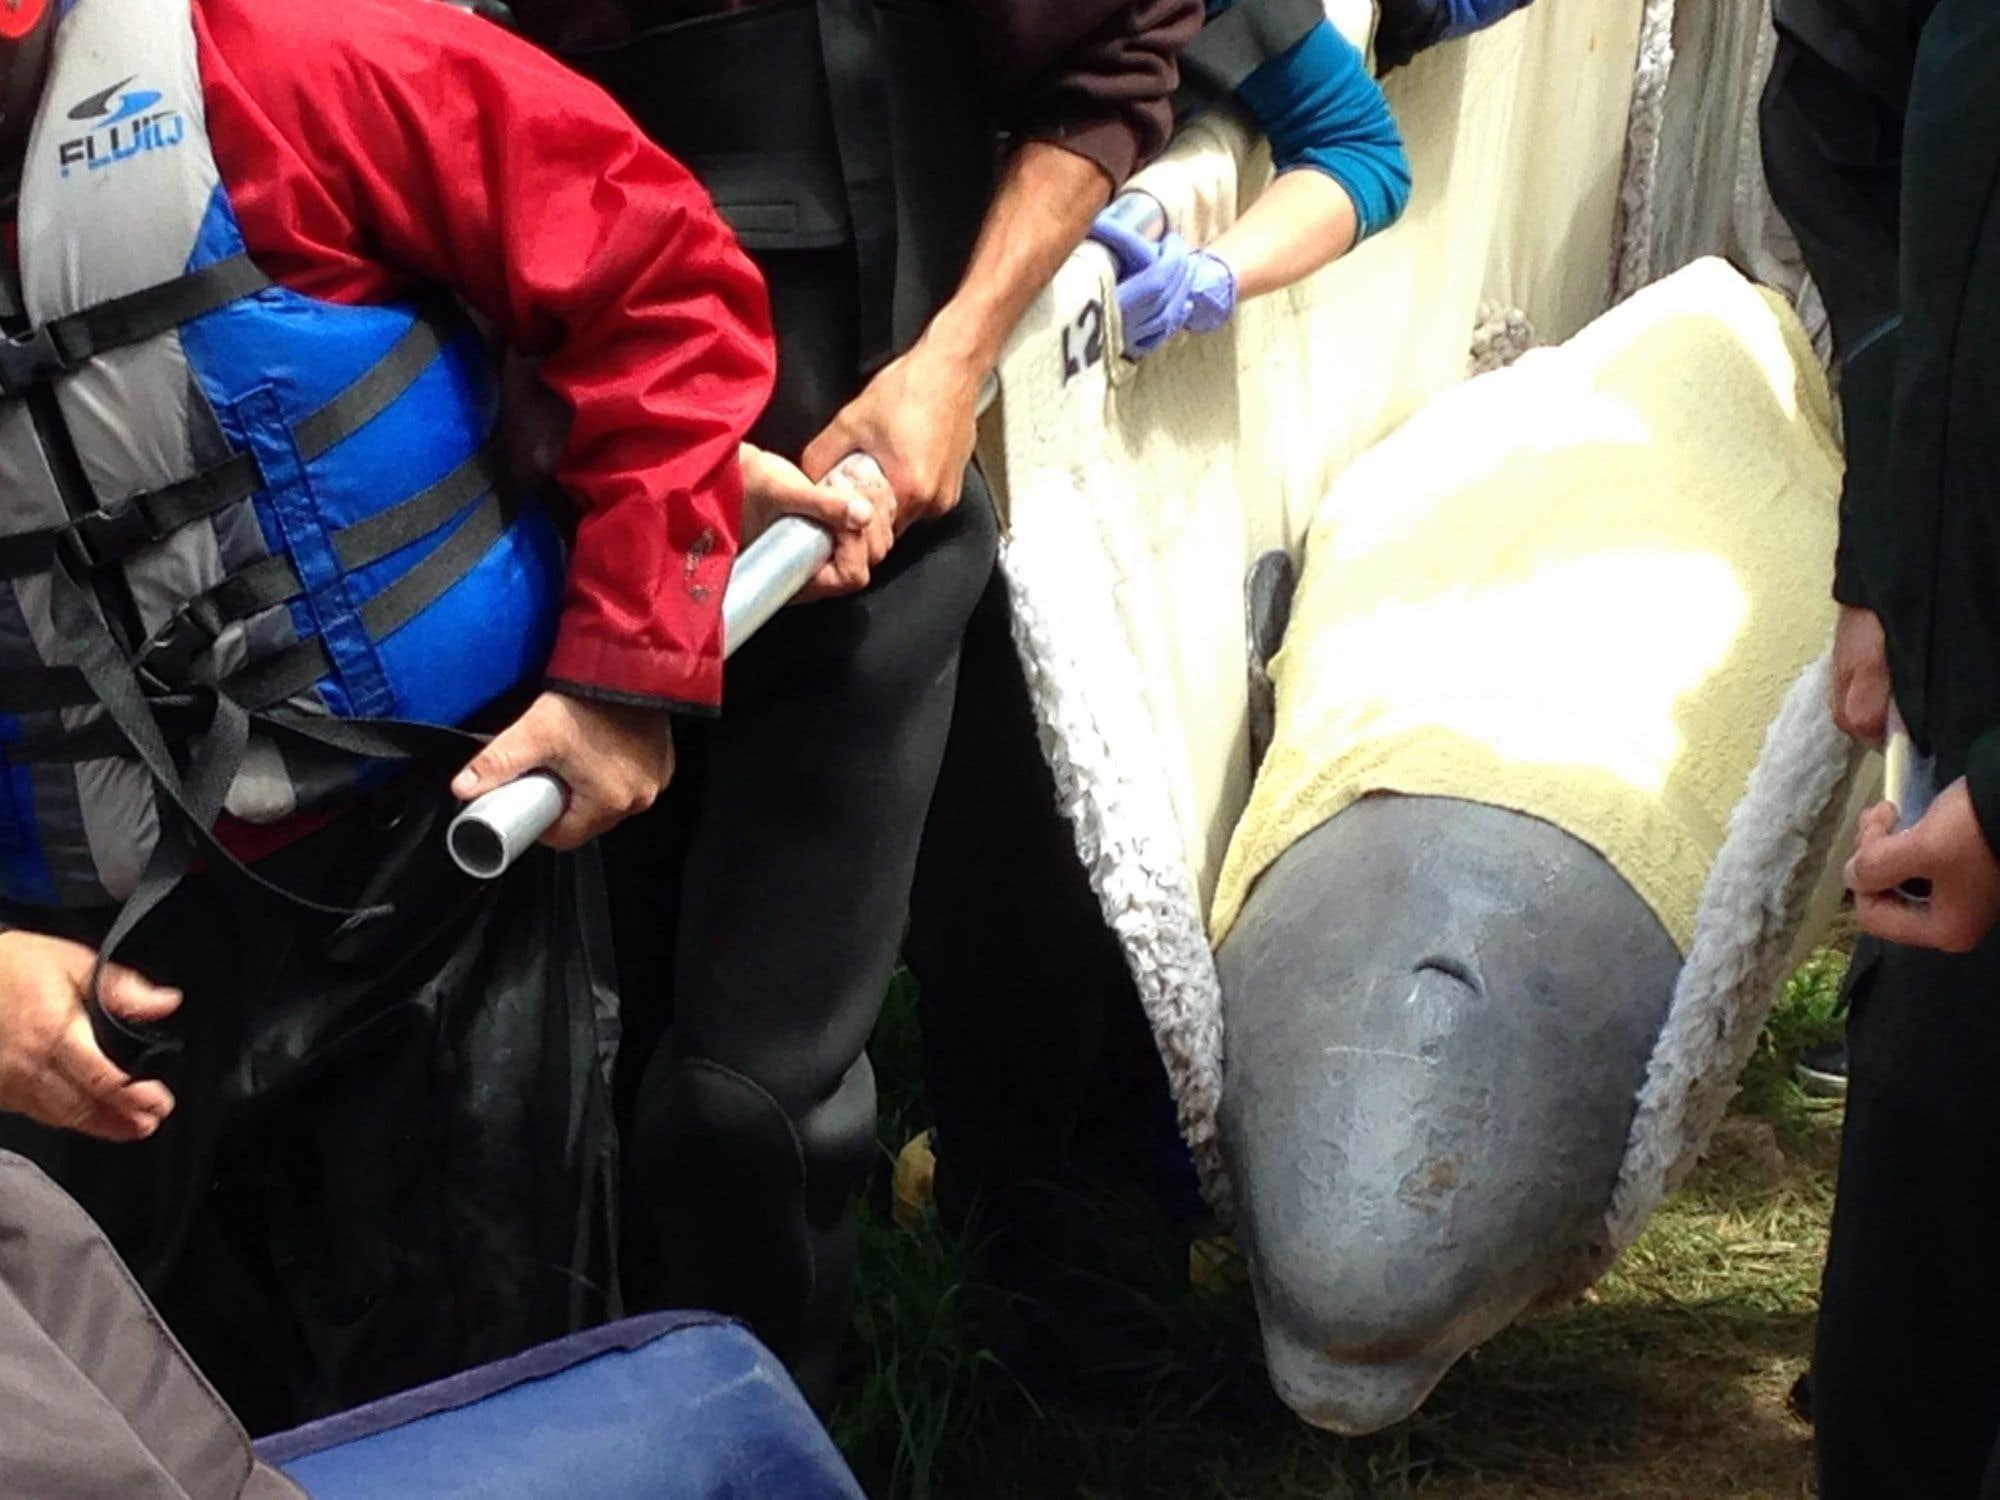 Le béluga qui avait erré dans une rivière au Nouveau-Brunswick a été secouru jeudi. Après avoir été capturé, le mammifère marin a été transporté en avion nolisé jusqu'à Rivière-du-Loup, transporté en camion jusqu'au port de Cacouna, puis placé à bord d'un bateau du GREMM pour ensuite être replacé au sein d'un groupe de bélugas au large du fleuve Saint-Laurent. L'animal a été remis à l'eau vers 17 h jeudi.